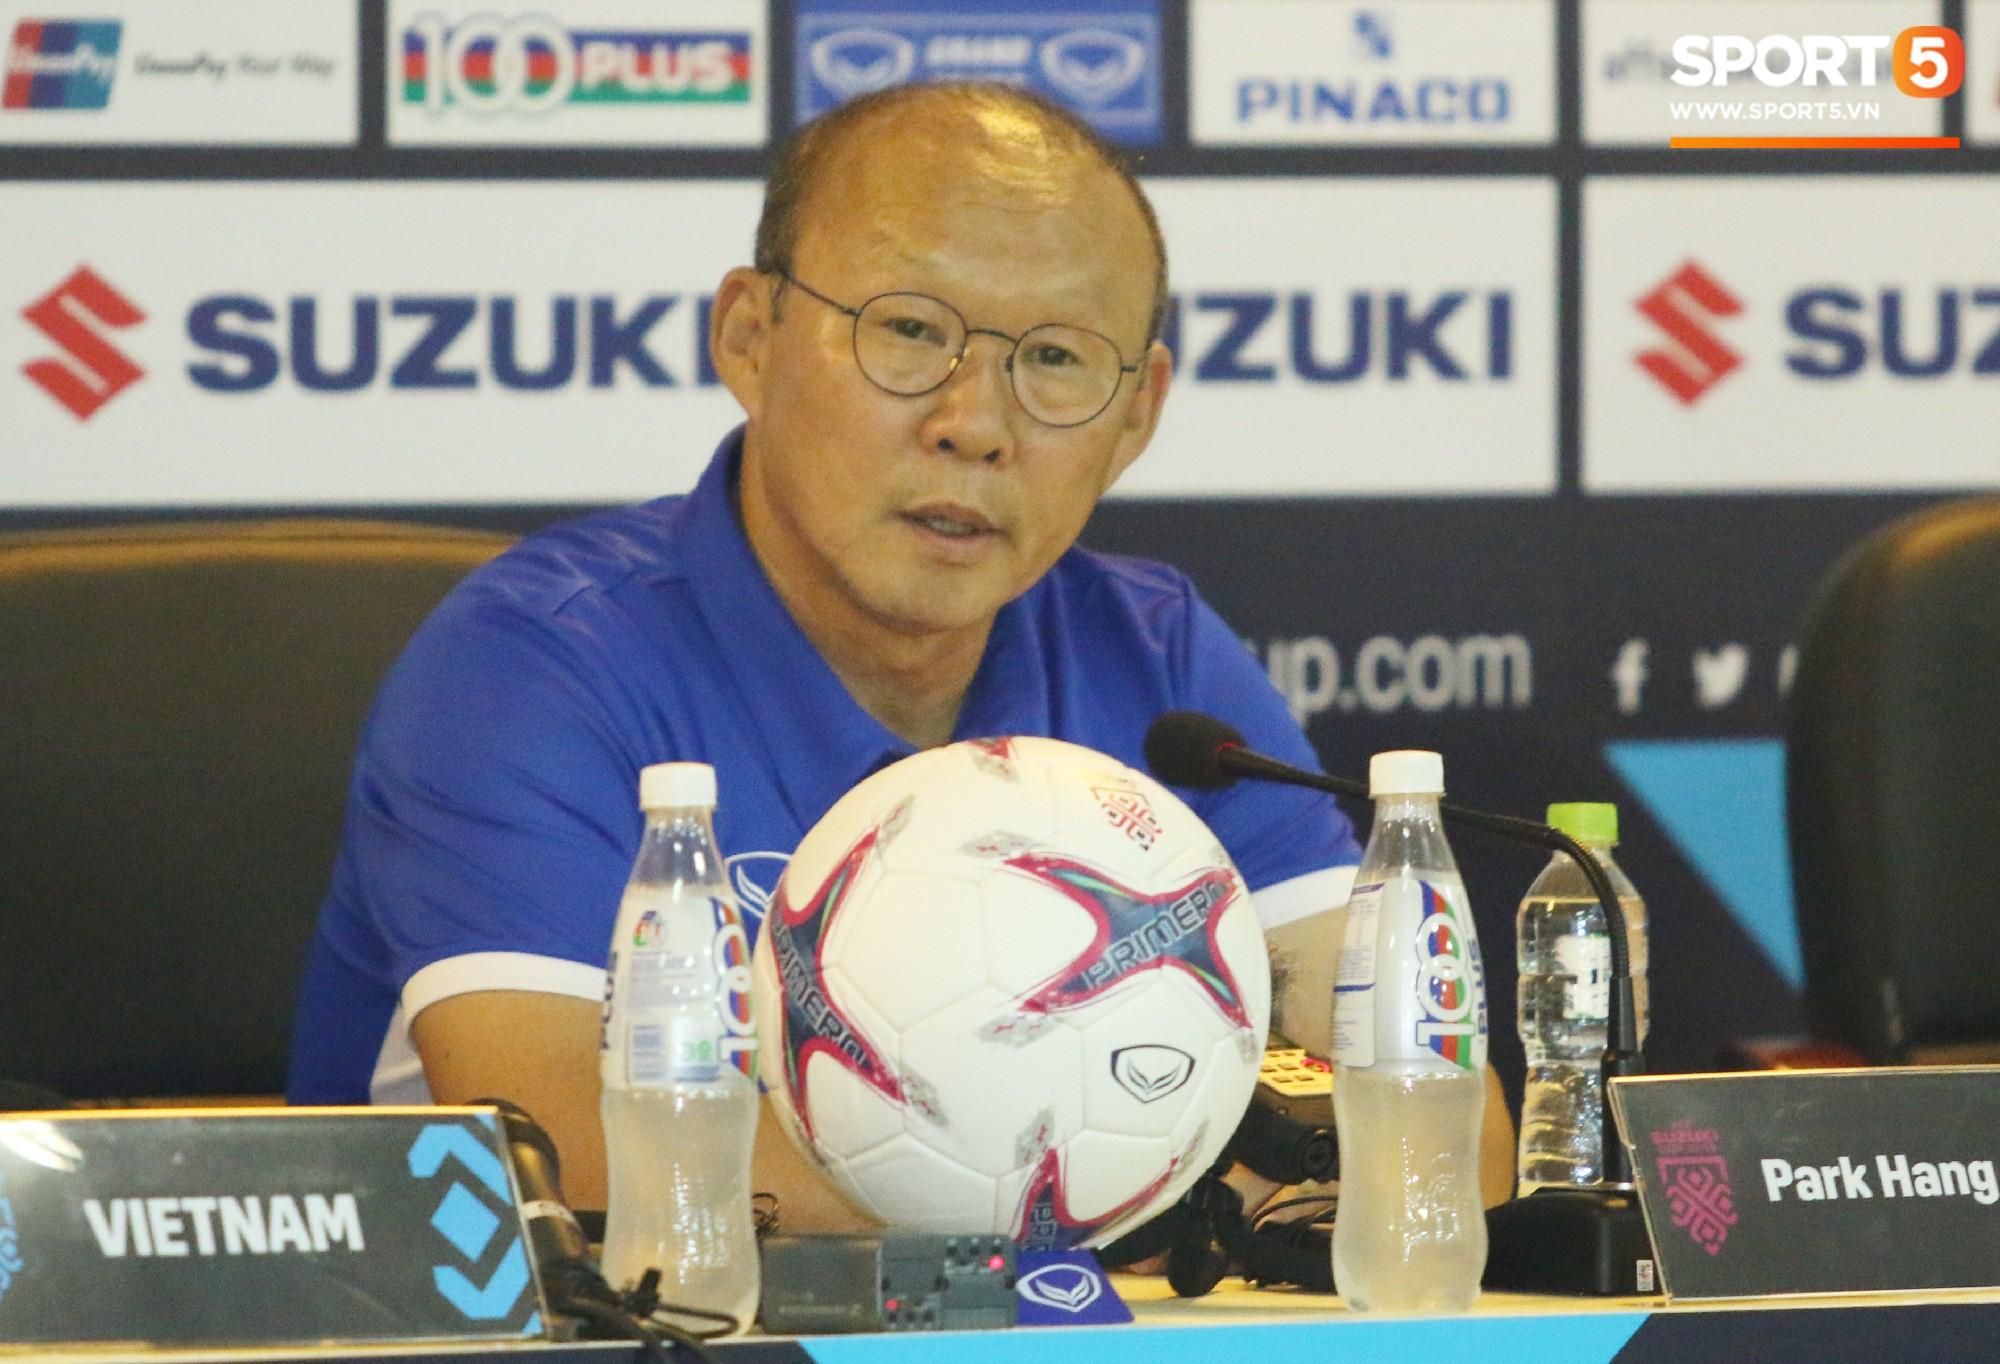 HLV Park Hang-seo: Tuyển Việt Nam chưa có màn trình diễn tốt nhất - Ảnh 1.